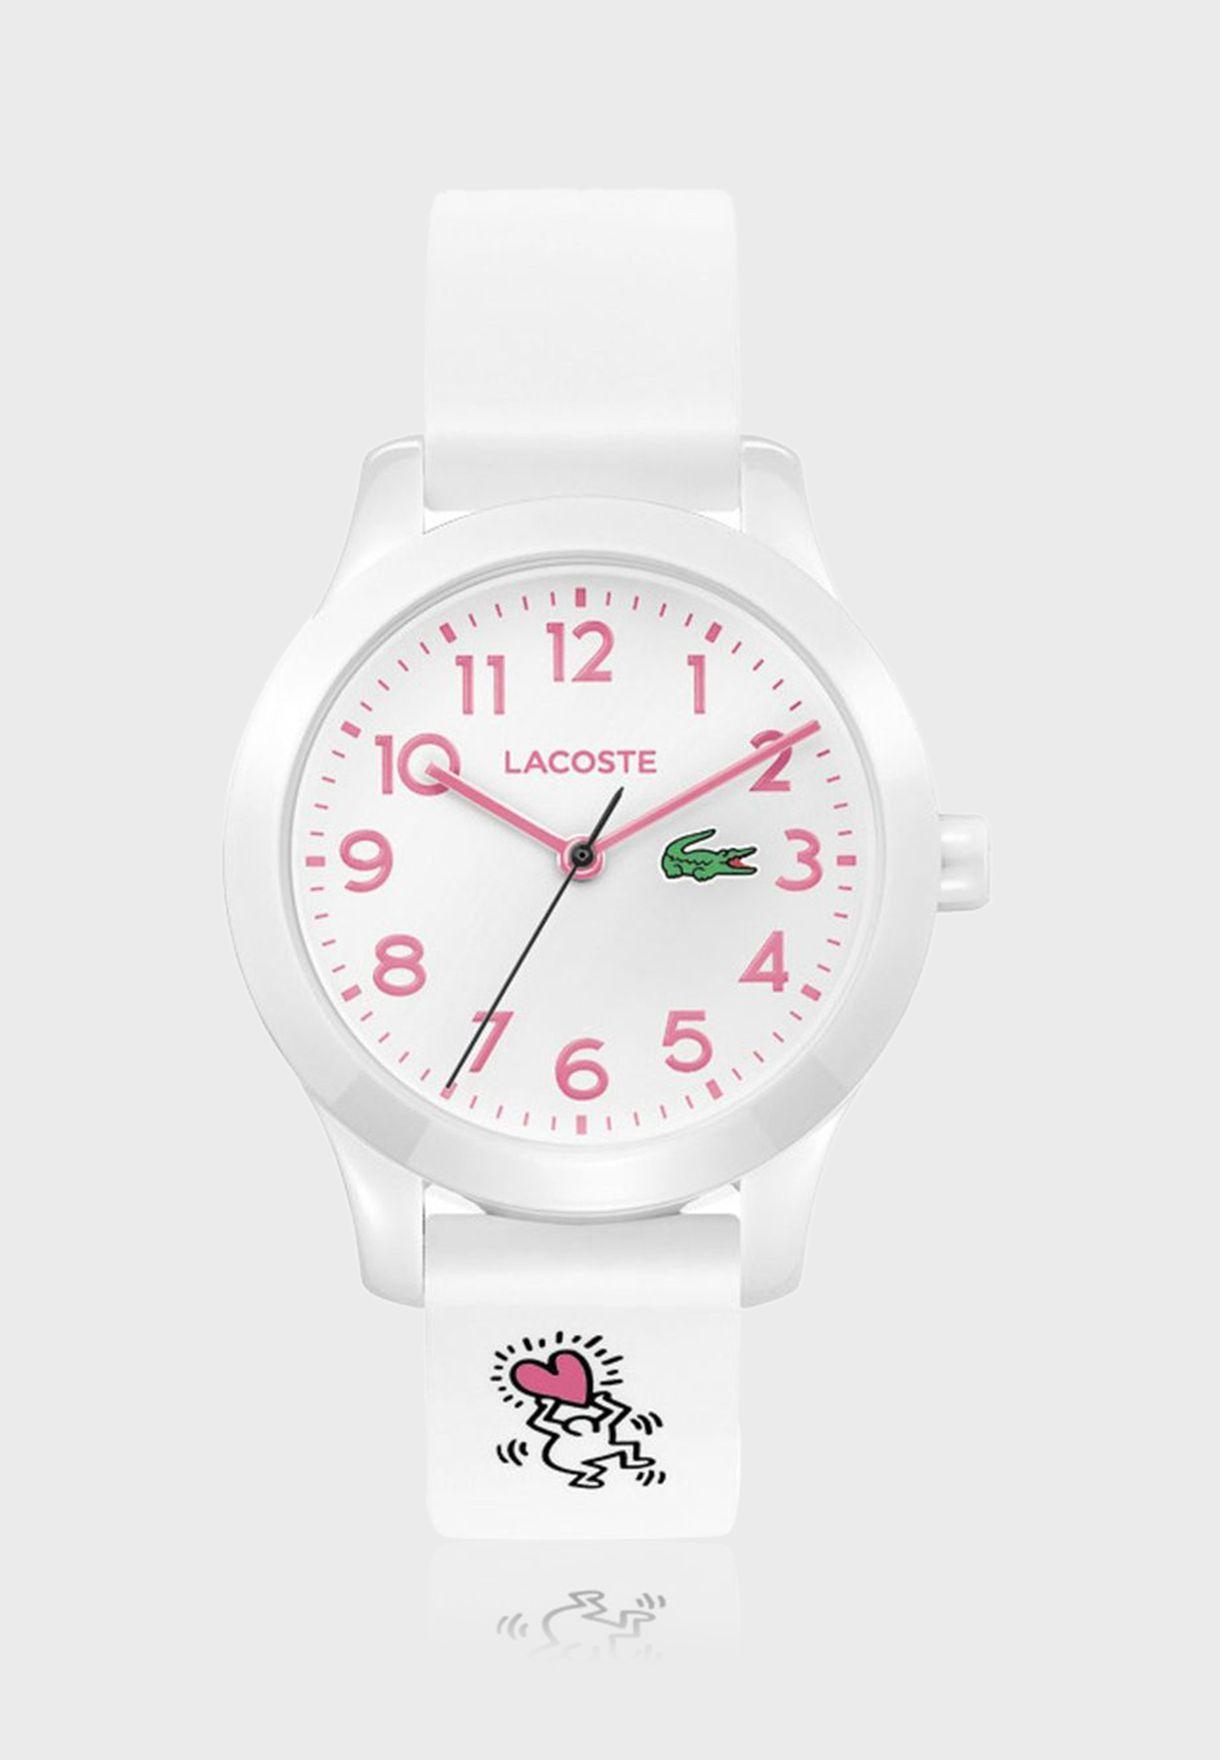 ساعة لاكوست L12.12 للأولاد بسوار سيليكون - 2030016